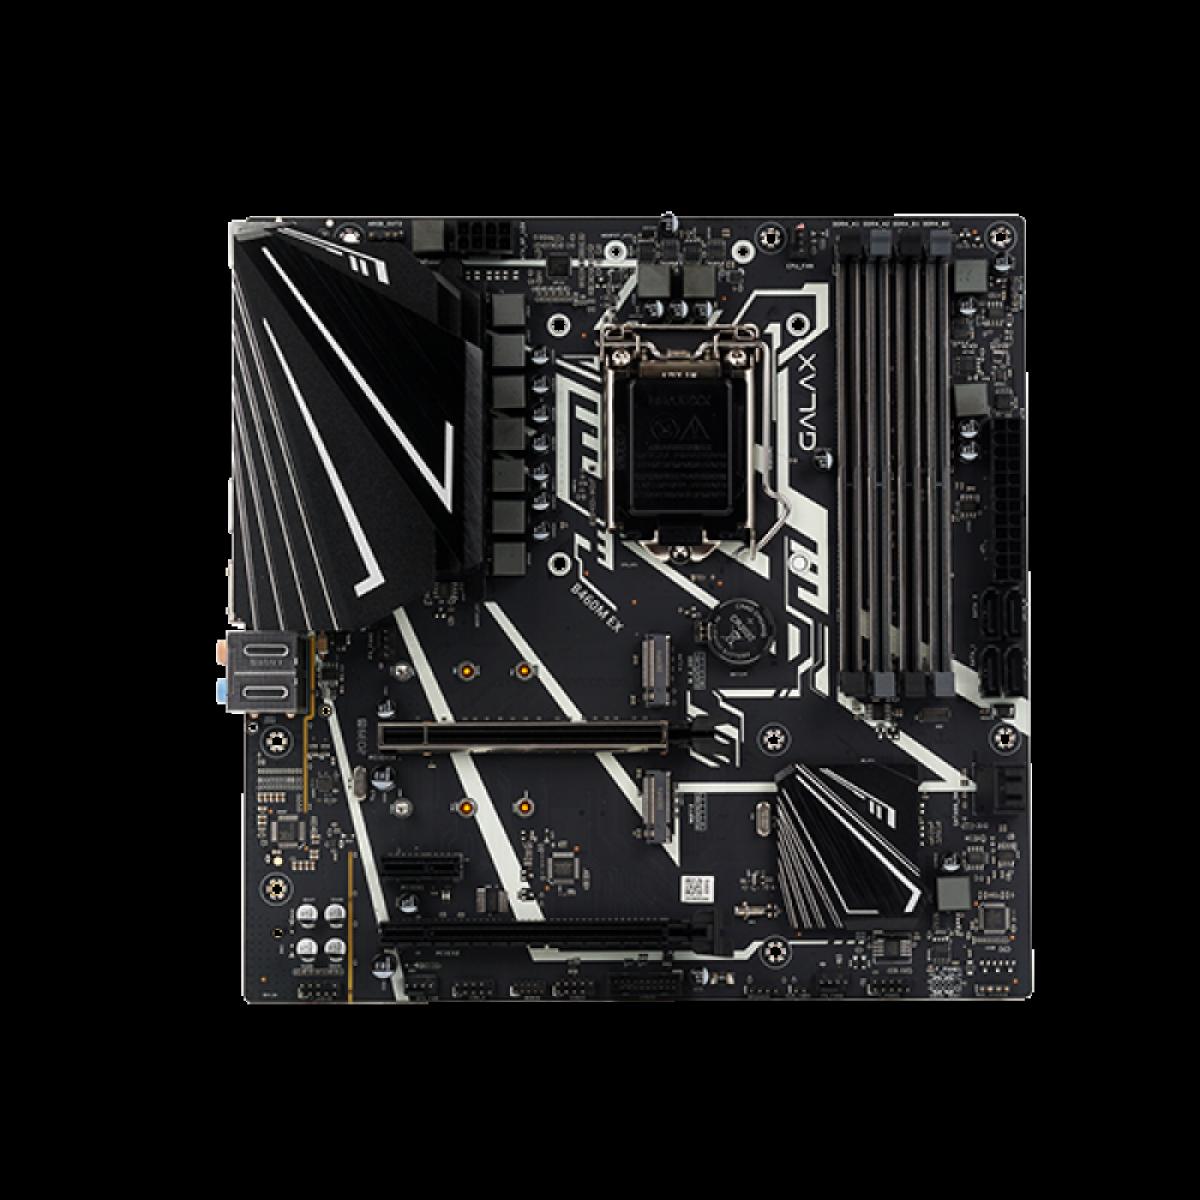 Placa Mãe Galax B460M EX, Chipset B460, Intel LGA 1200, mATX, DDR4, IB460MBGDEX1BW